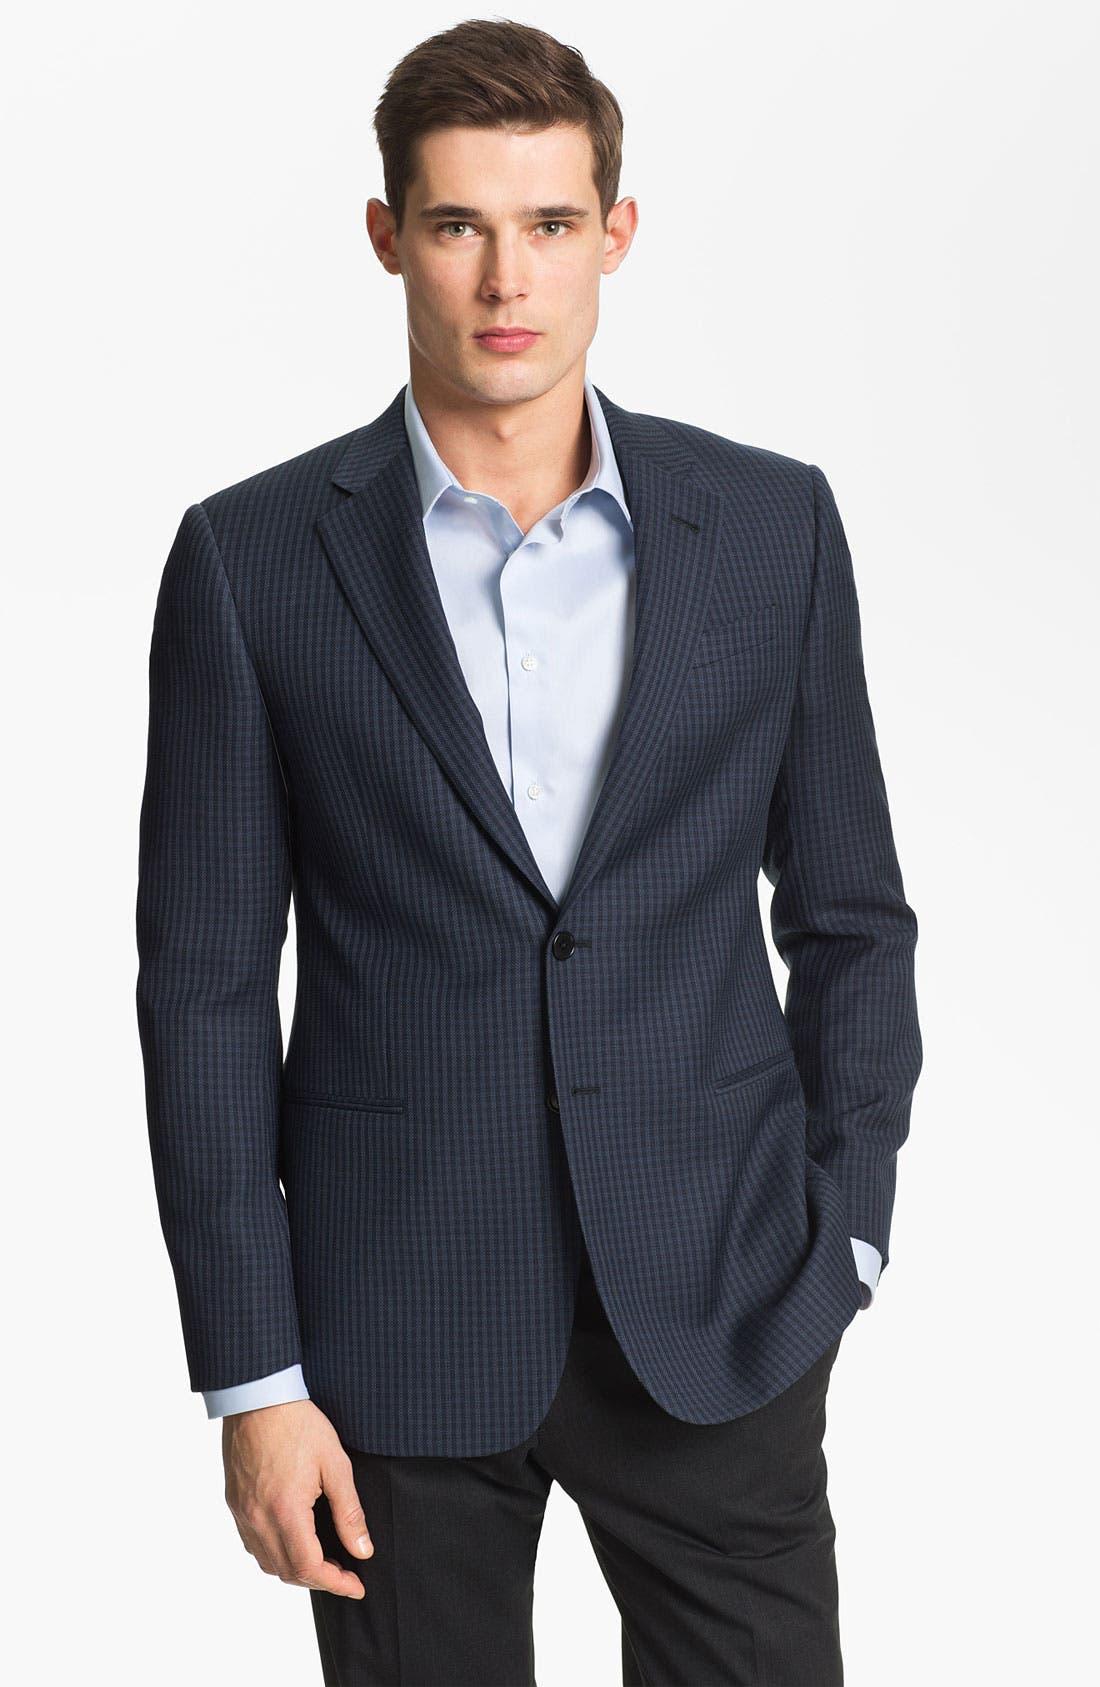 Main Image - Armani Collezioni 'Giorgio' Trim Fit Wool Sportcoat